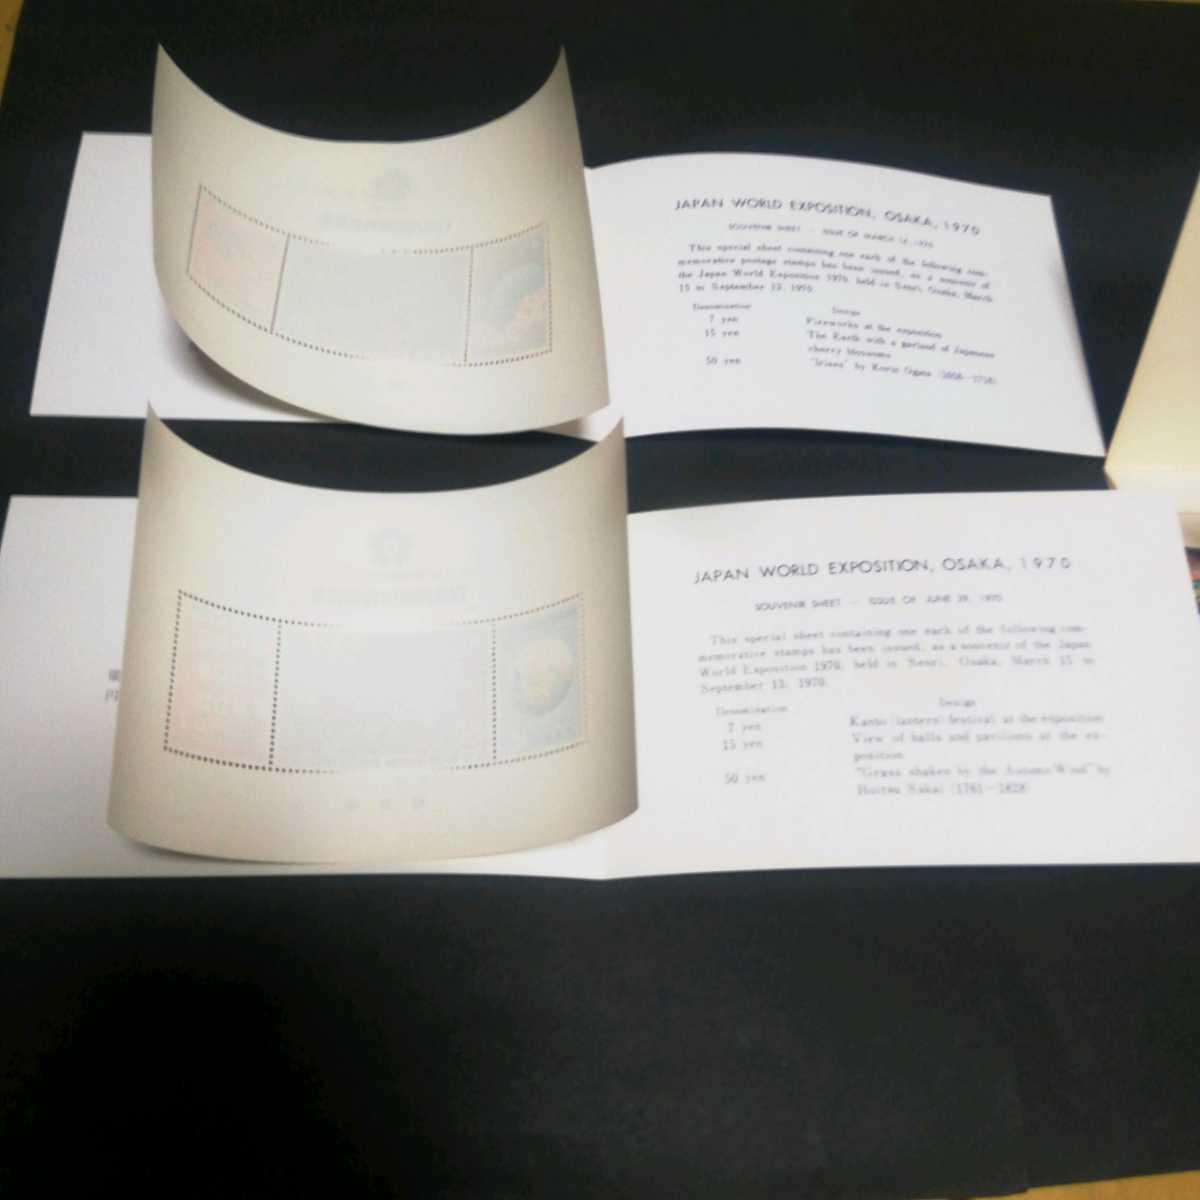 日本郵便 日本万博日本万国博覧会 記念切手 1次 2次 小型シート 未使用_画像4